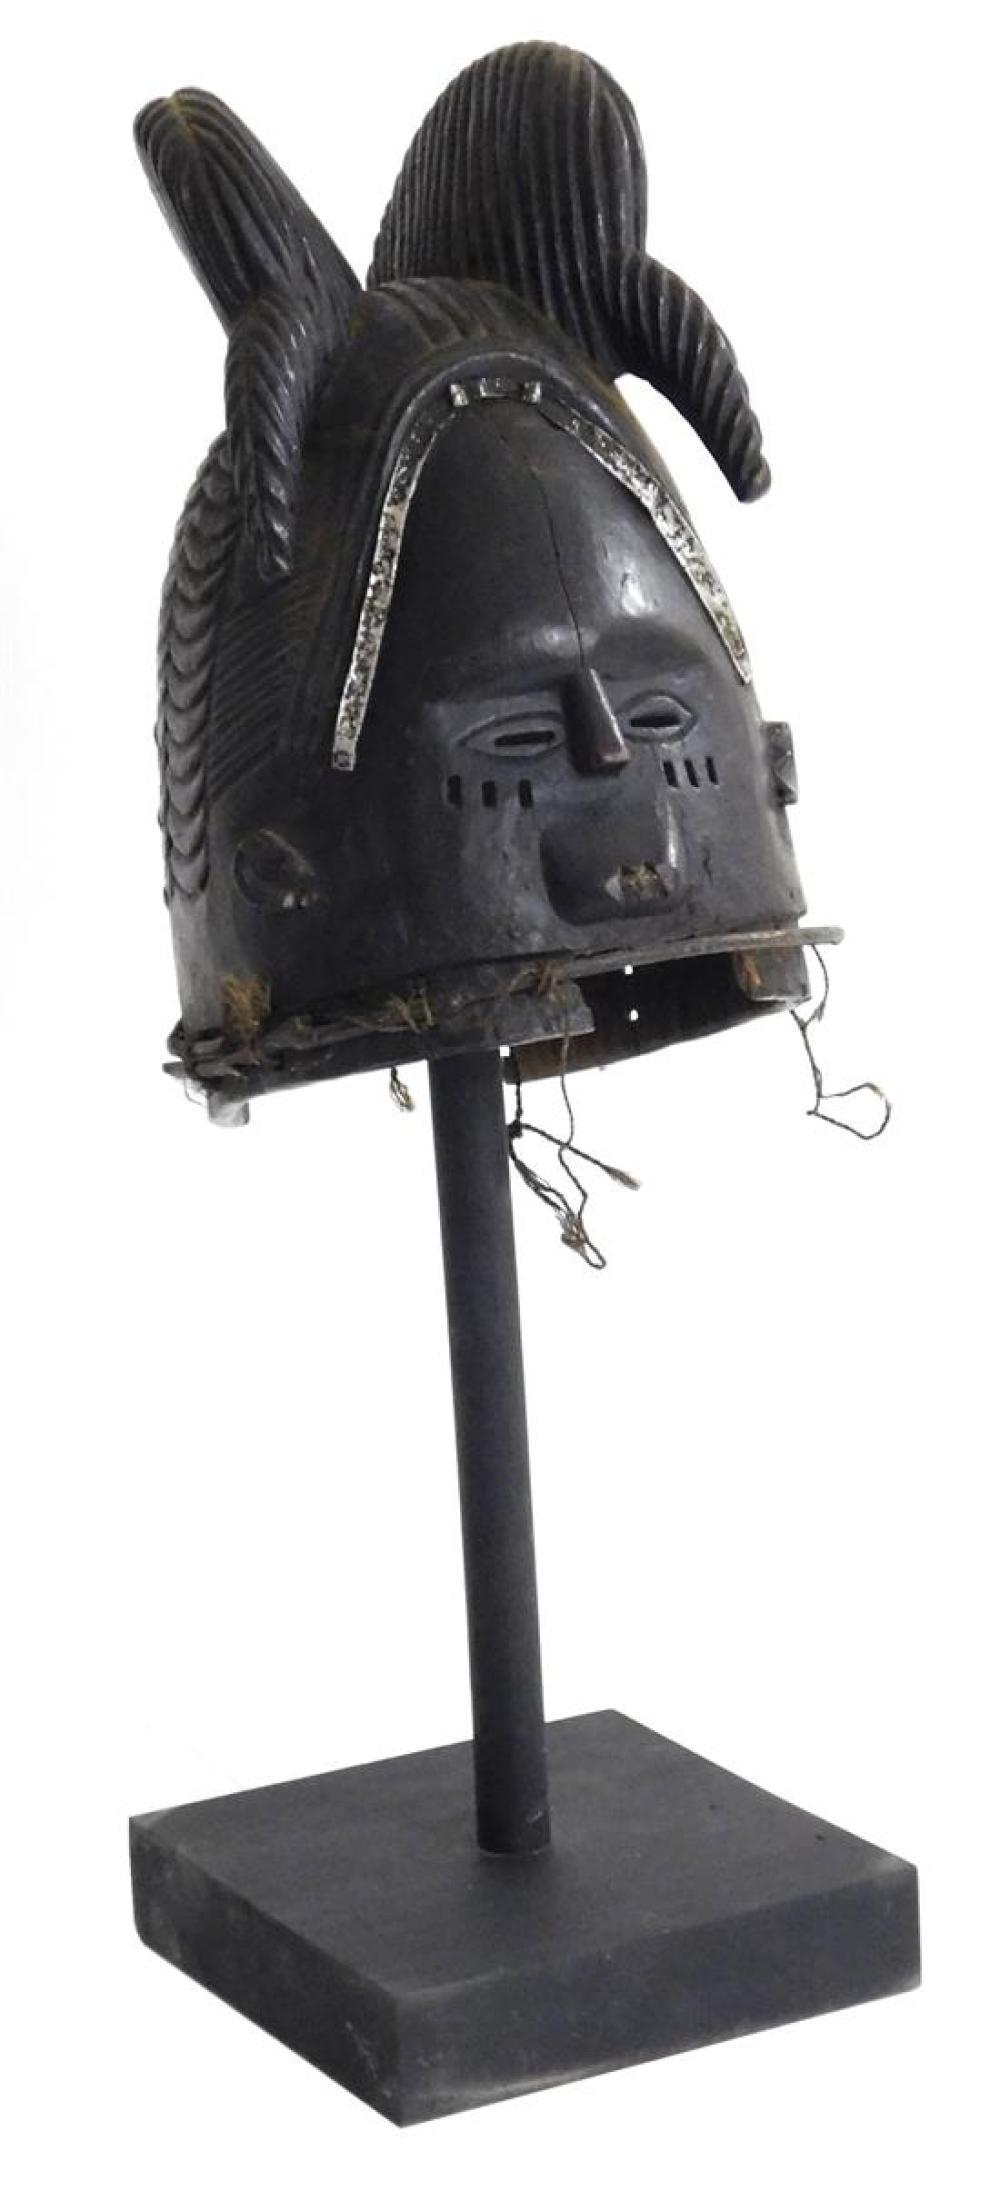 TRIBAL: Mende Helmet Mask, Sierra Leone, 20th C., wood and metal, carved wood helmet mask with multiple hair lobes forming coiffure,...